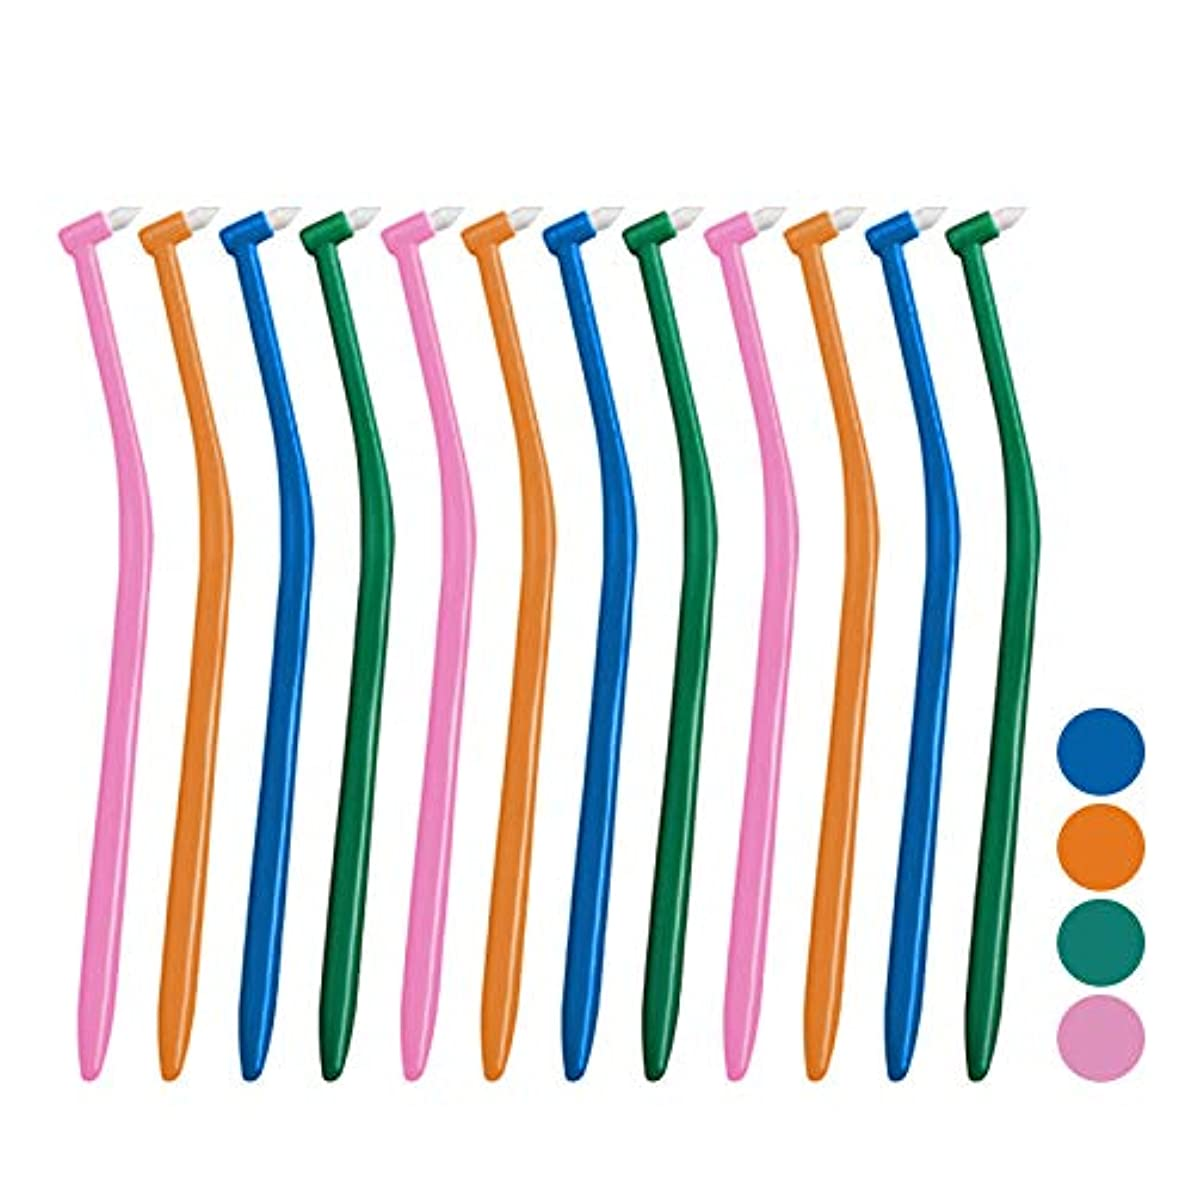 ドレス好色な繰り返したサムフレンド p(ピー) シリーズ ピー アリーボ (ワンタフト) × 12本セット (ミディアム)